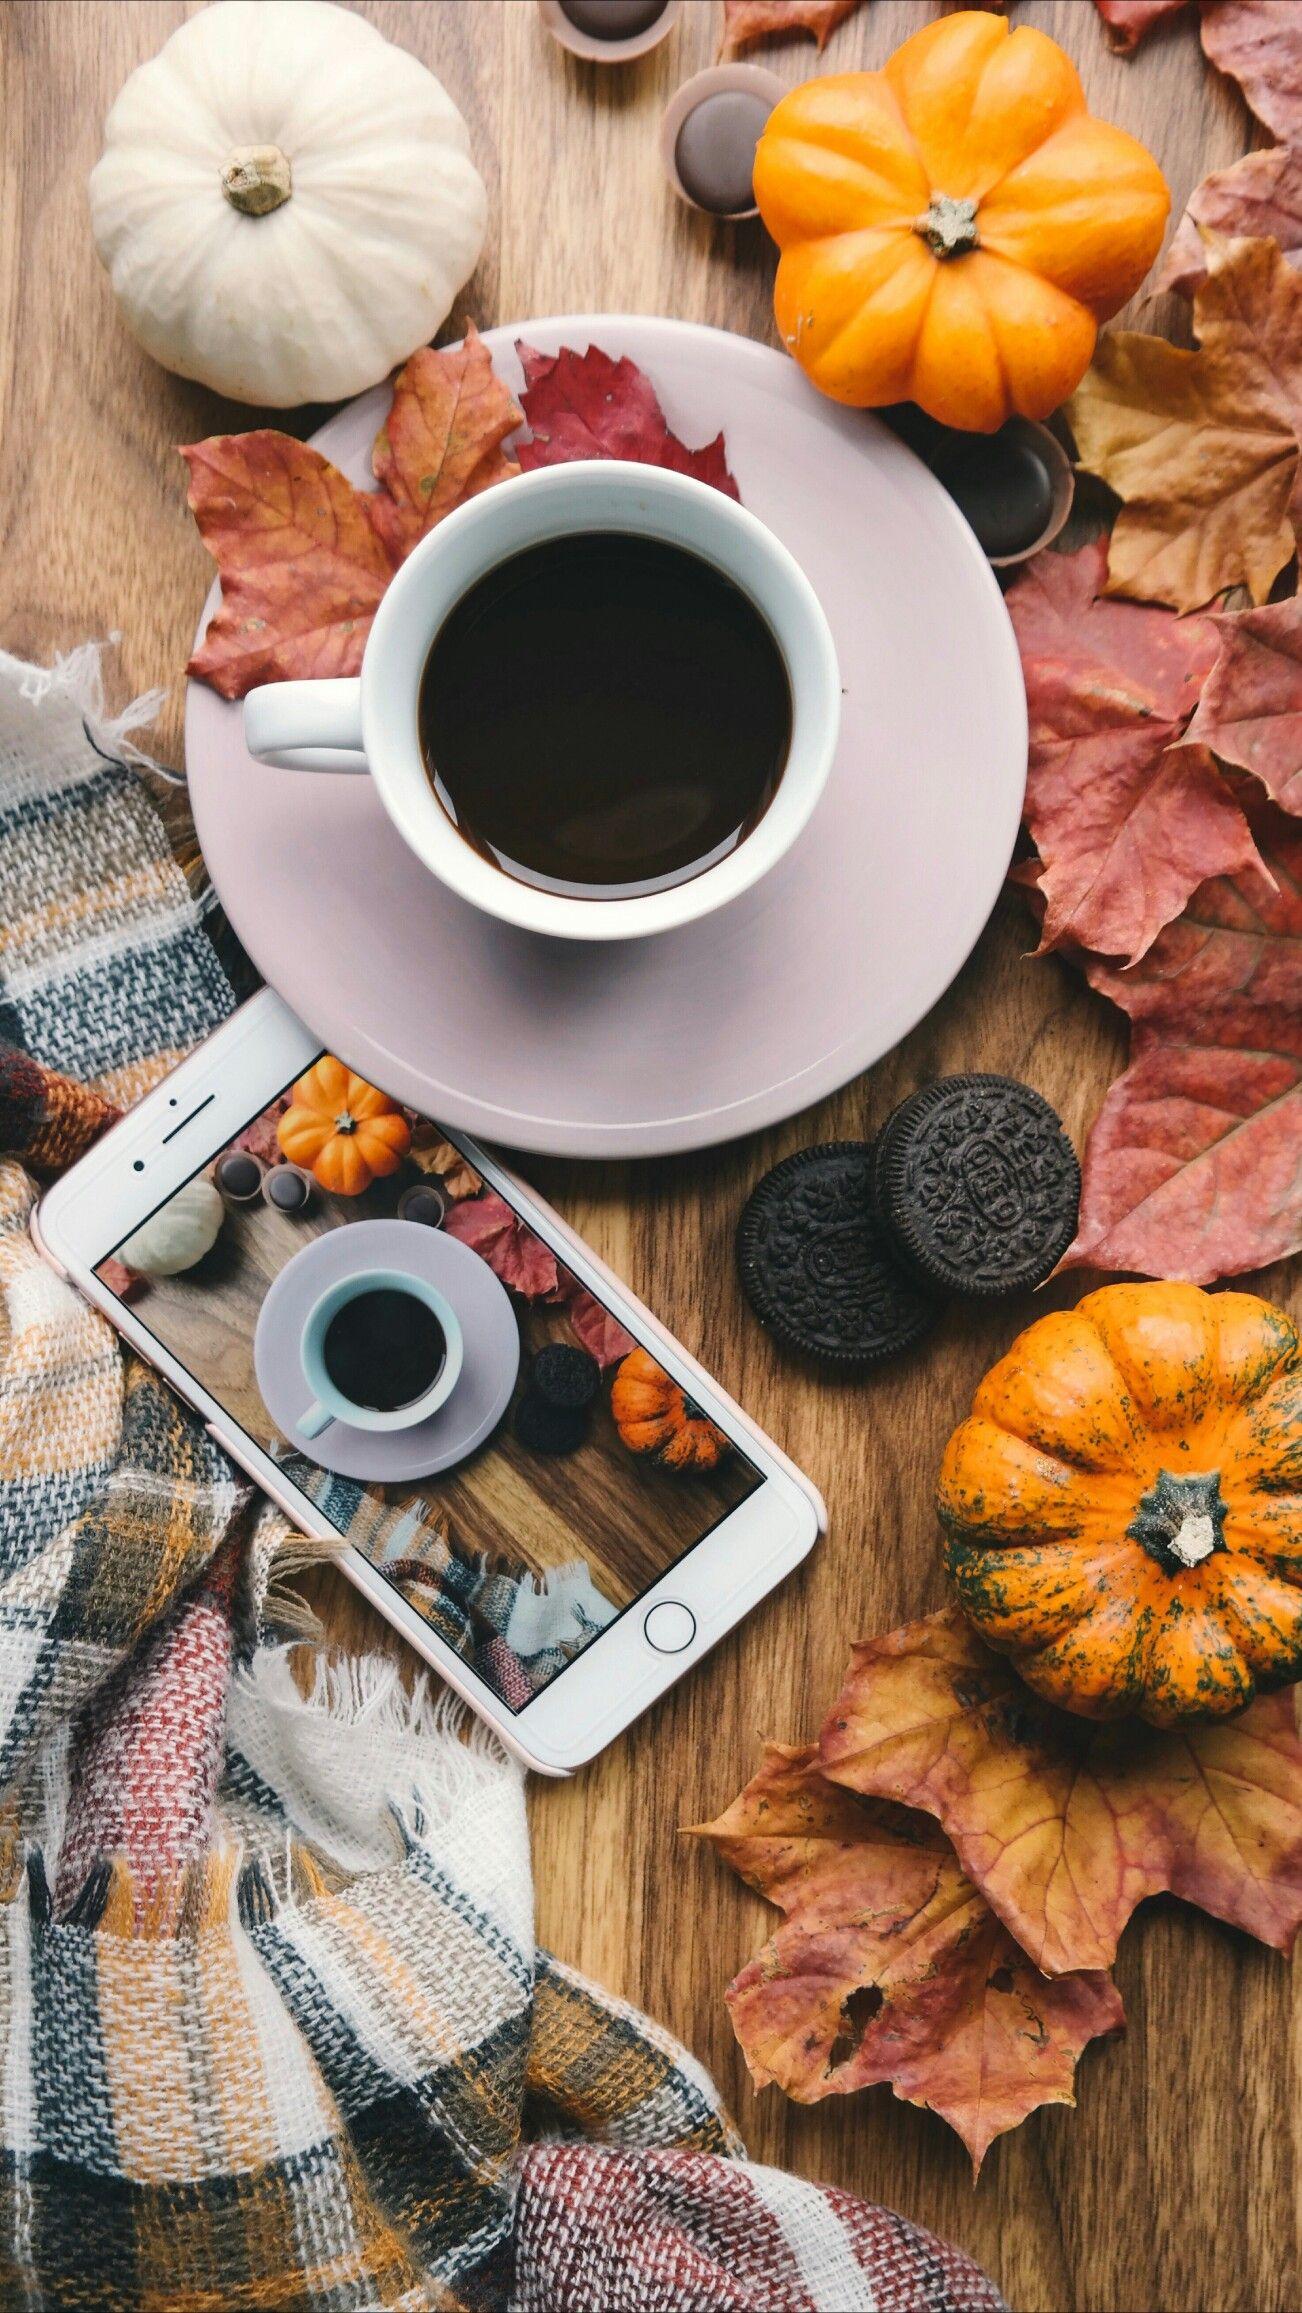 Кофе и осень красивые картинки, картинки анимация картинки